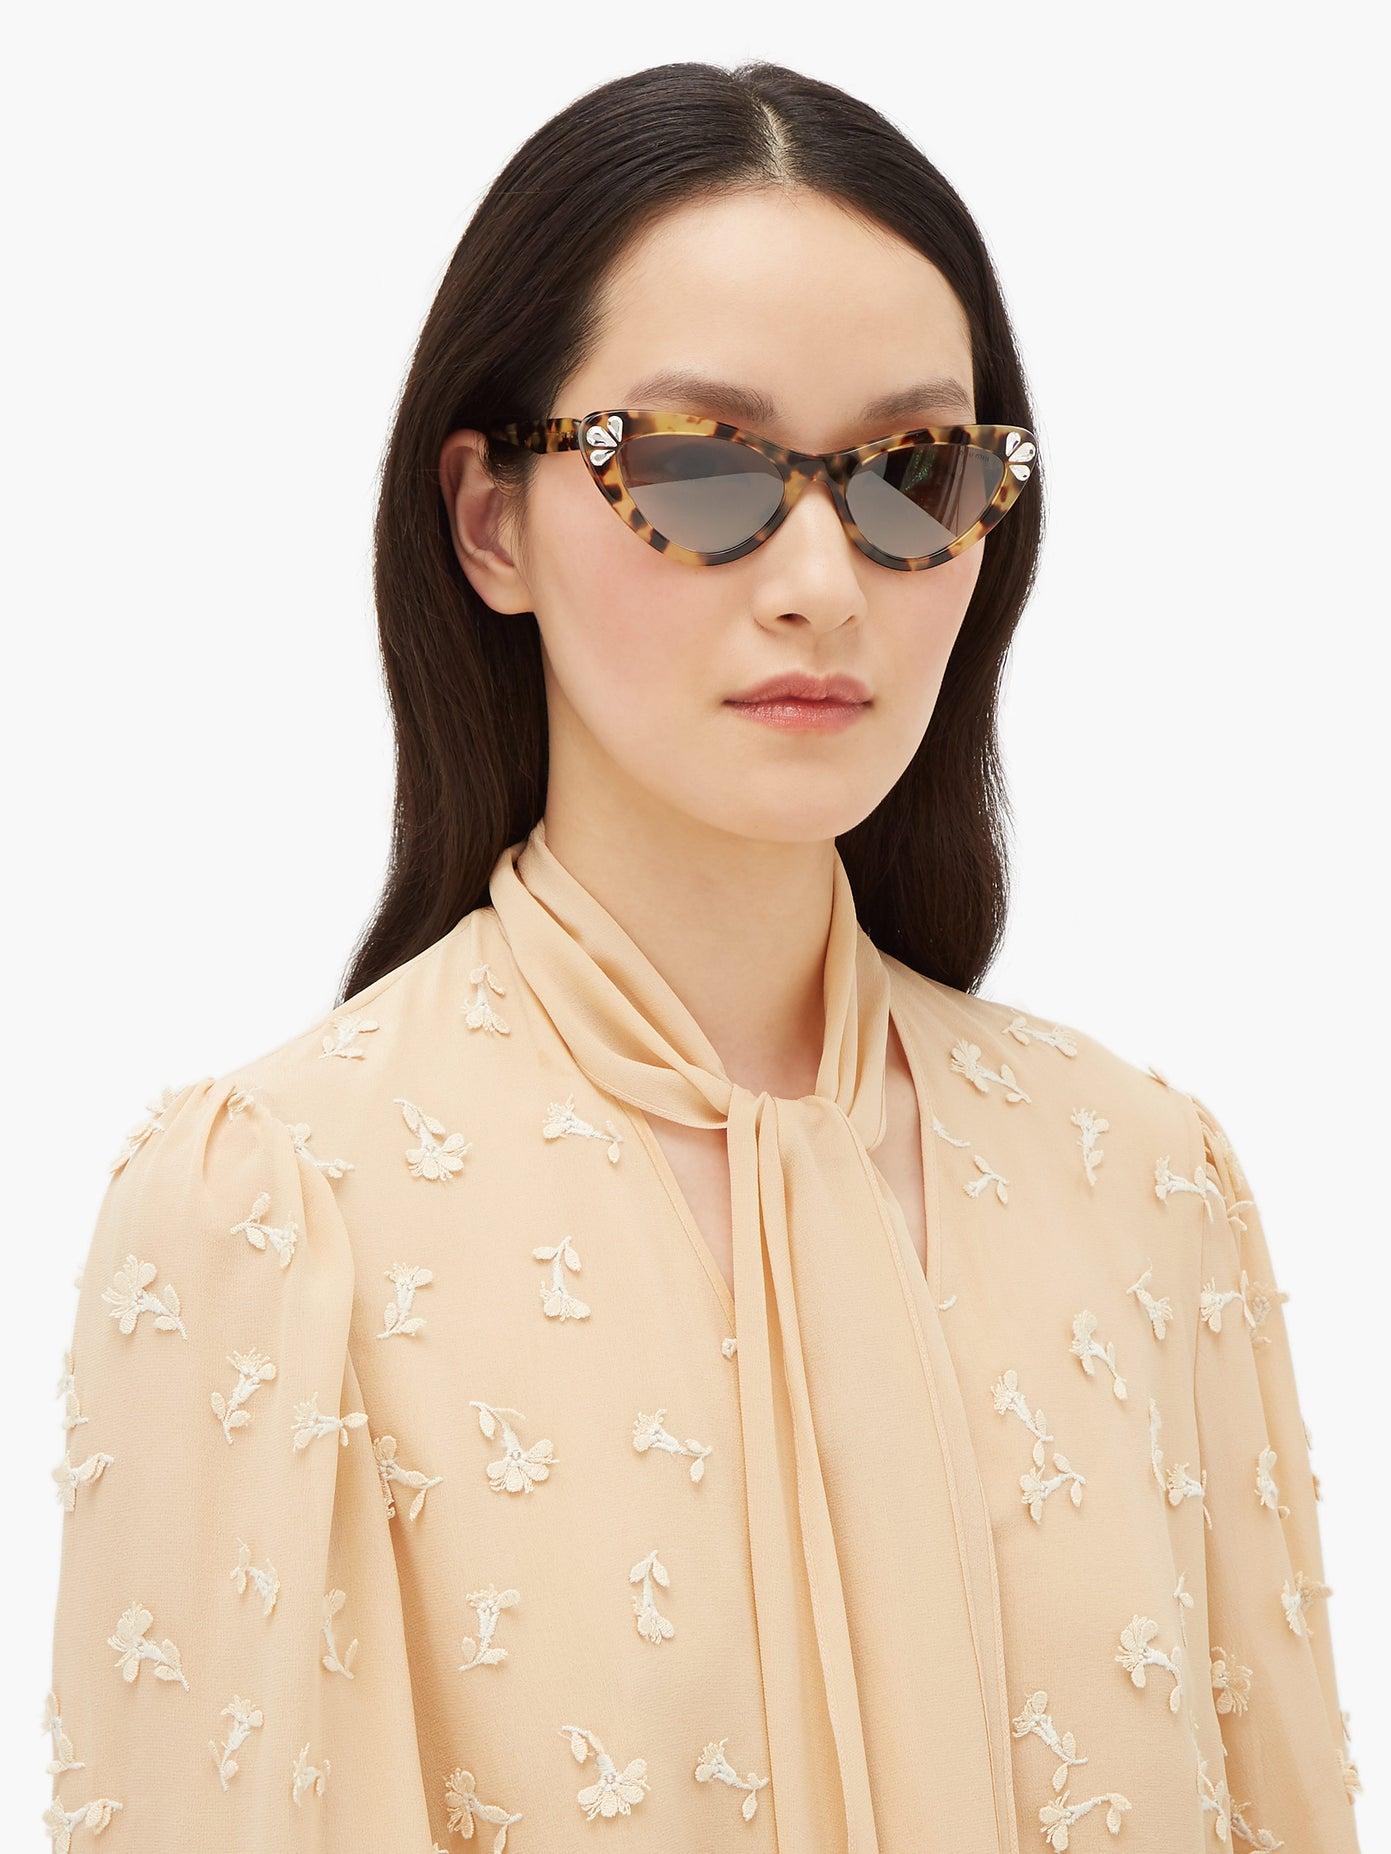 Слънчеви очила Miu Miu от 607 на 425 лв.